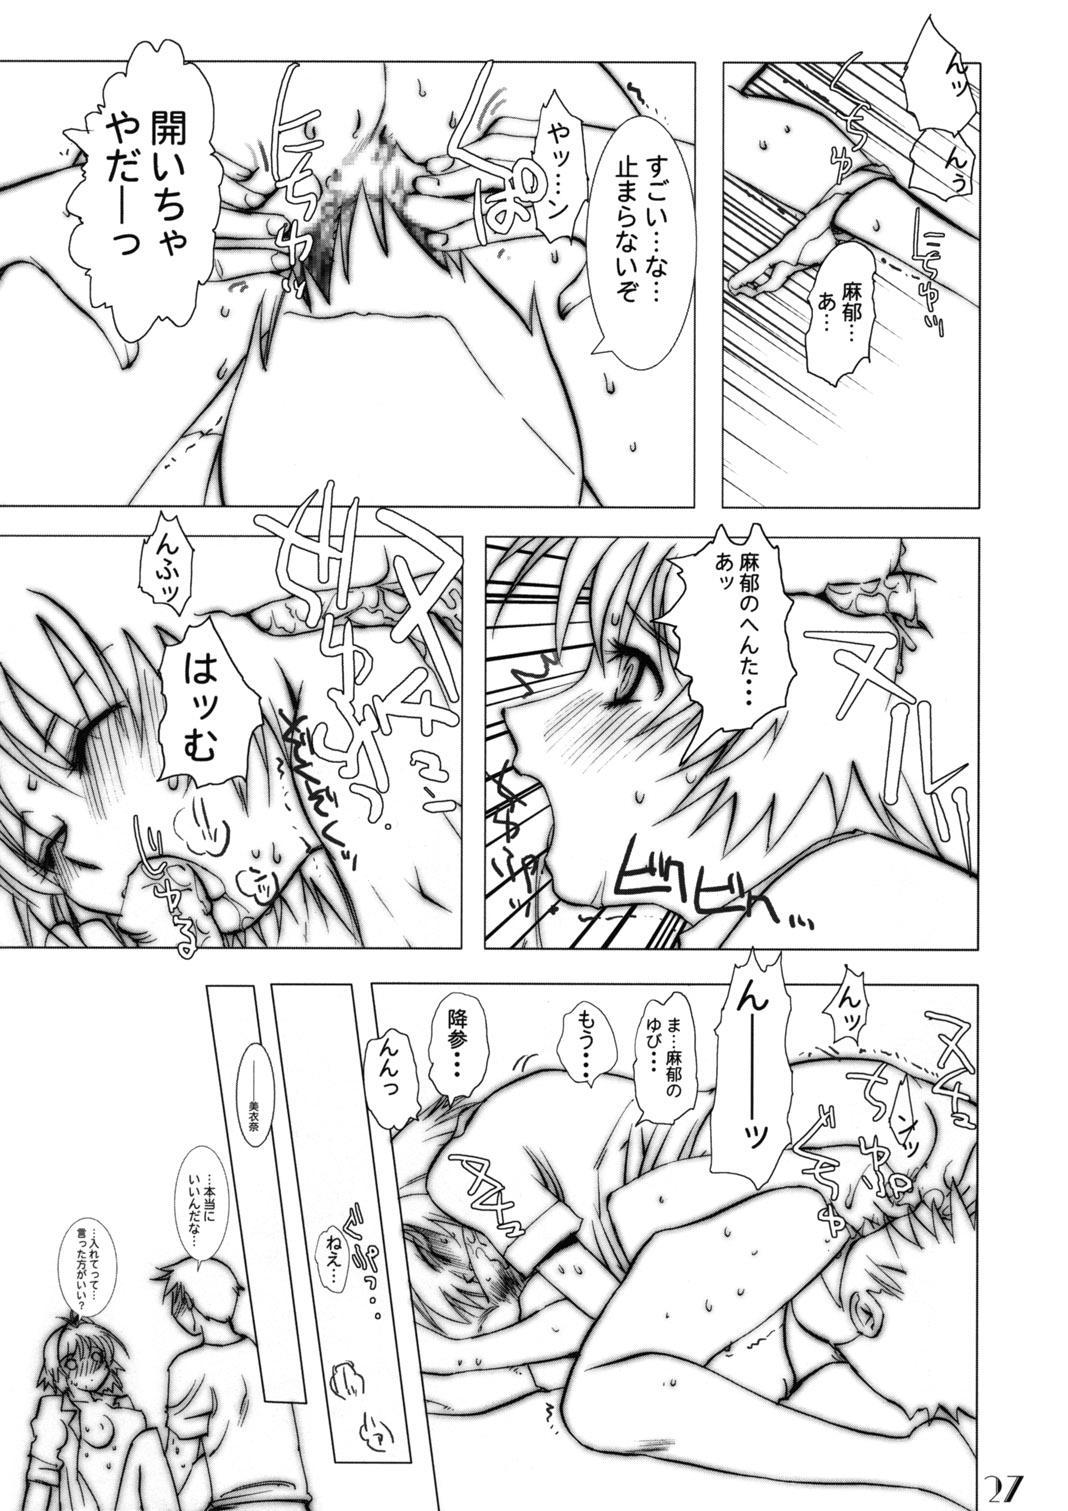 Slave Unit Vol.3 Hokka Hokka Musume 25